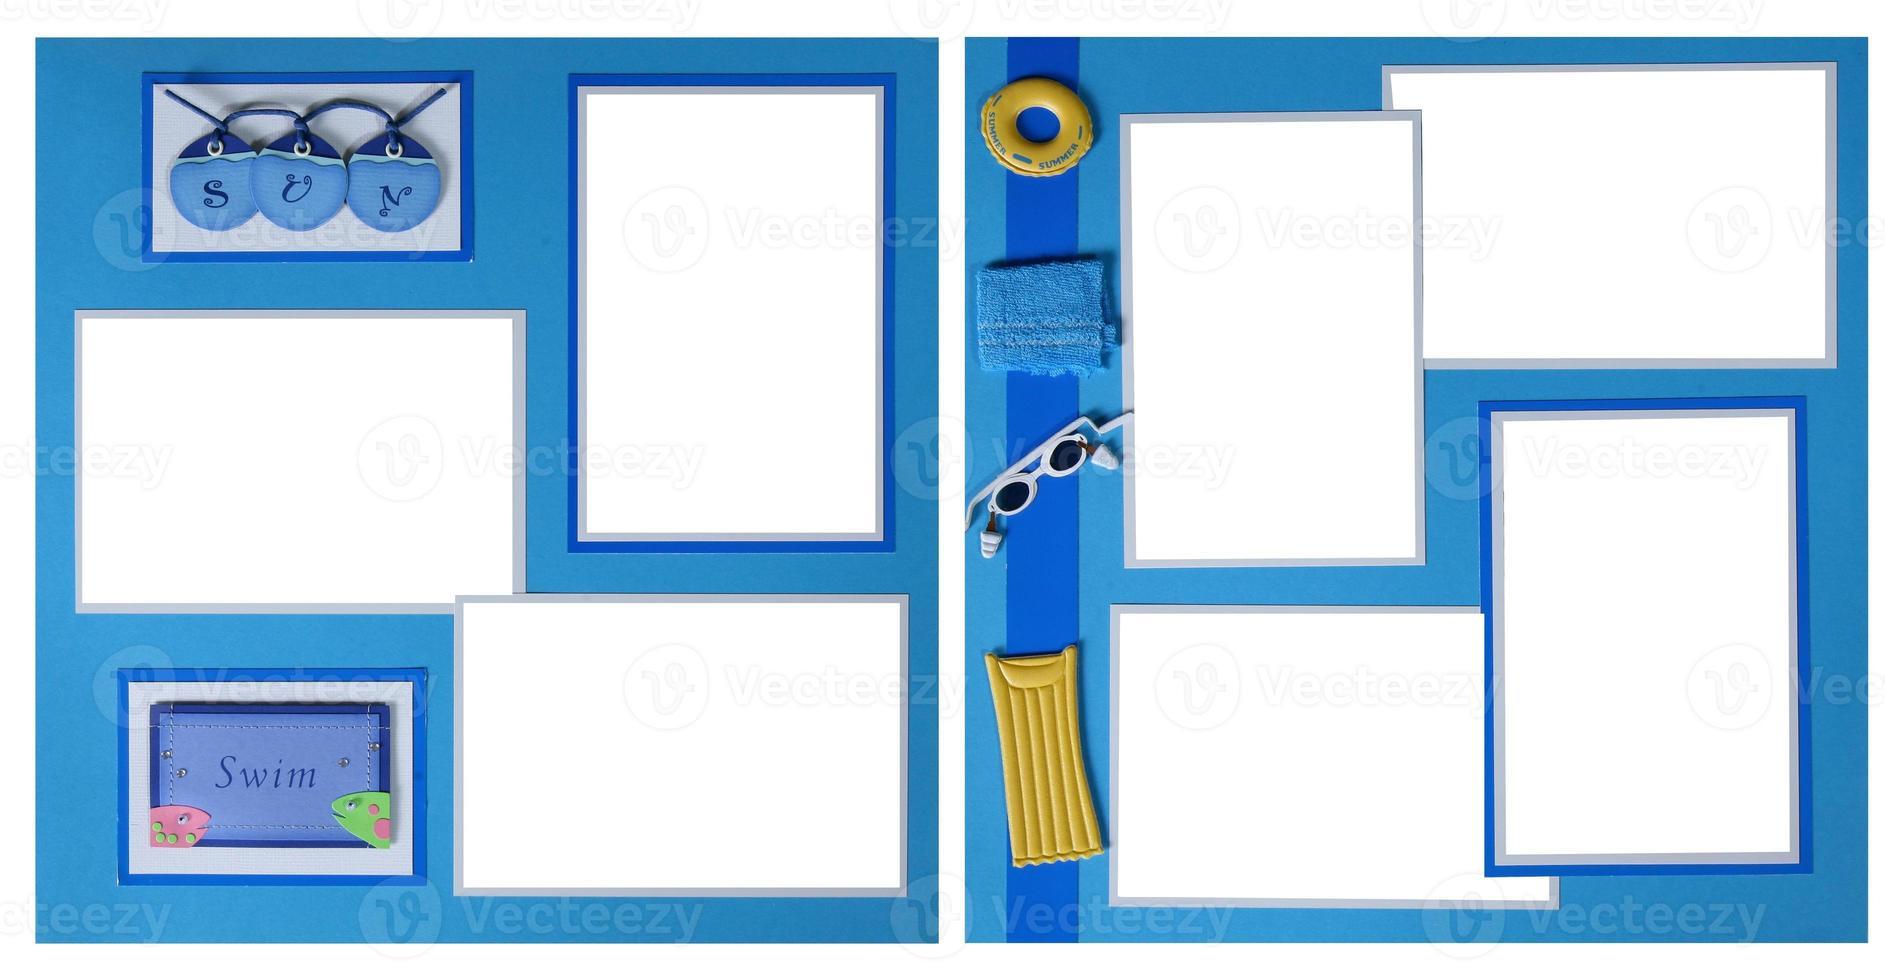 páginas de álbum de recortes de papel hecho a mano para insertar sus imágenes en foto